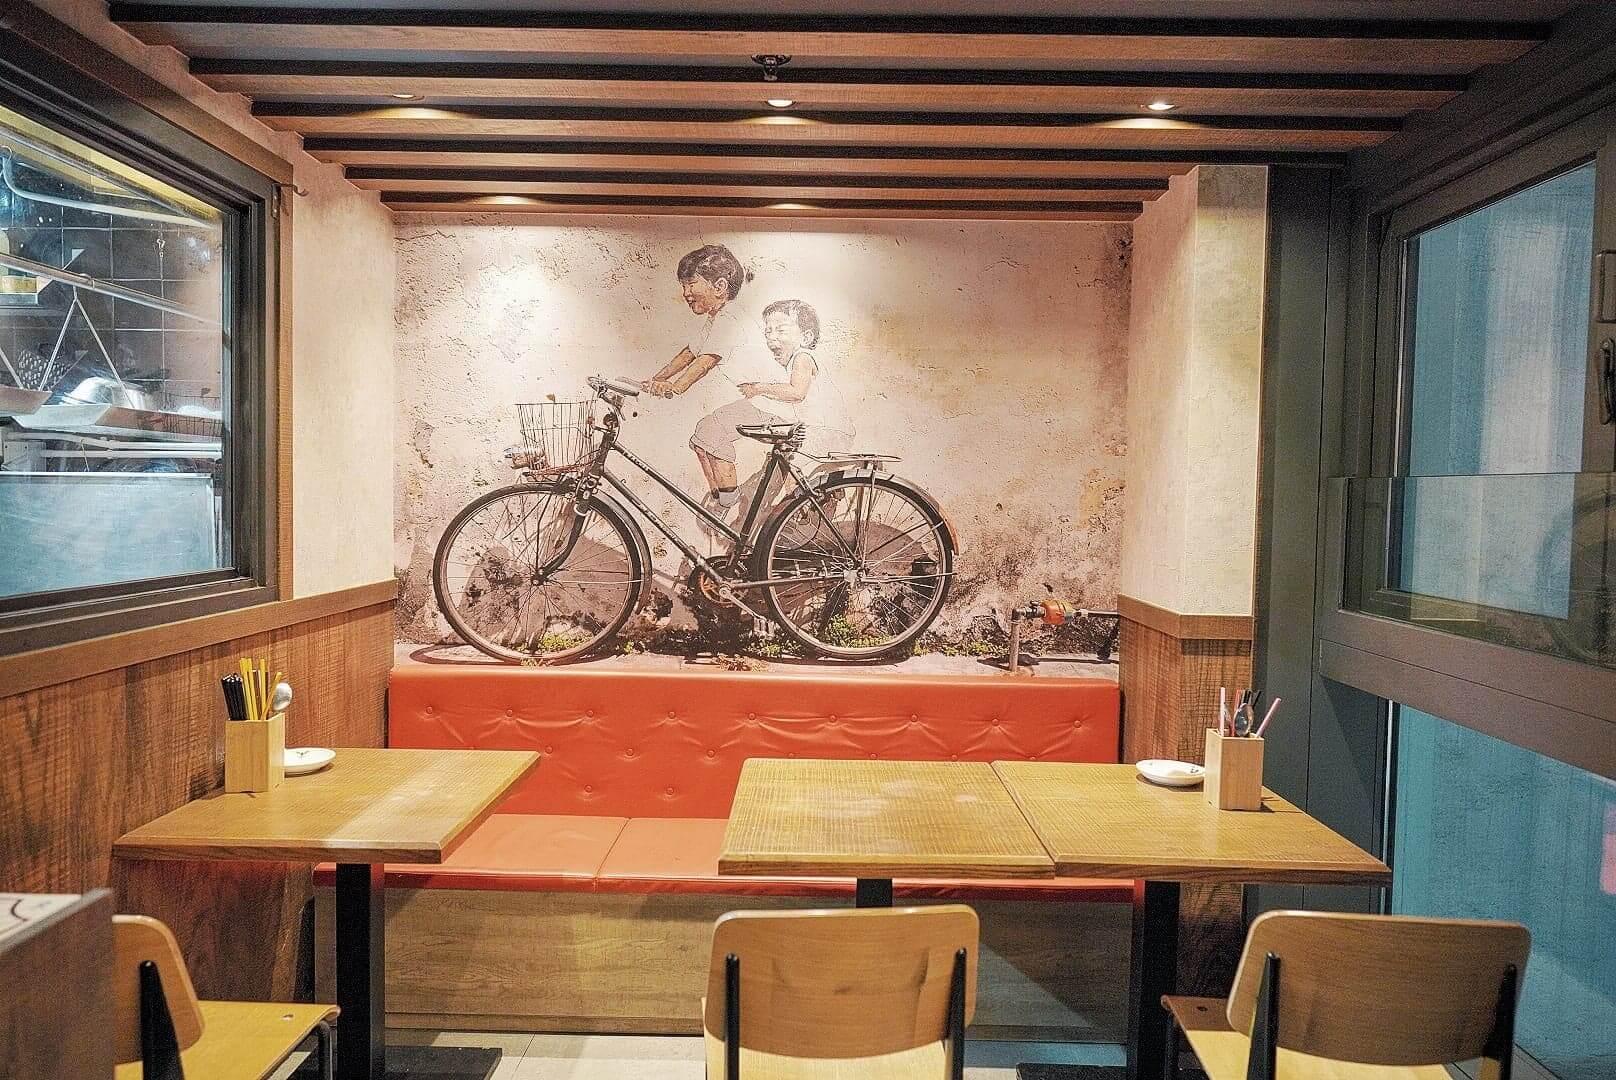 馬來西亞有名壁畫「姊弟共騎單車」。